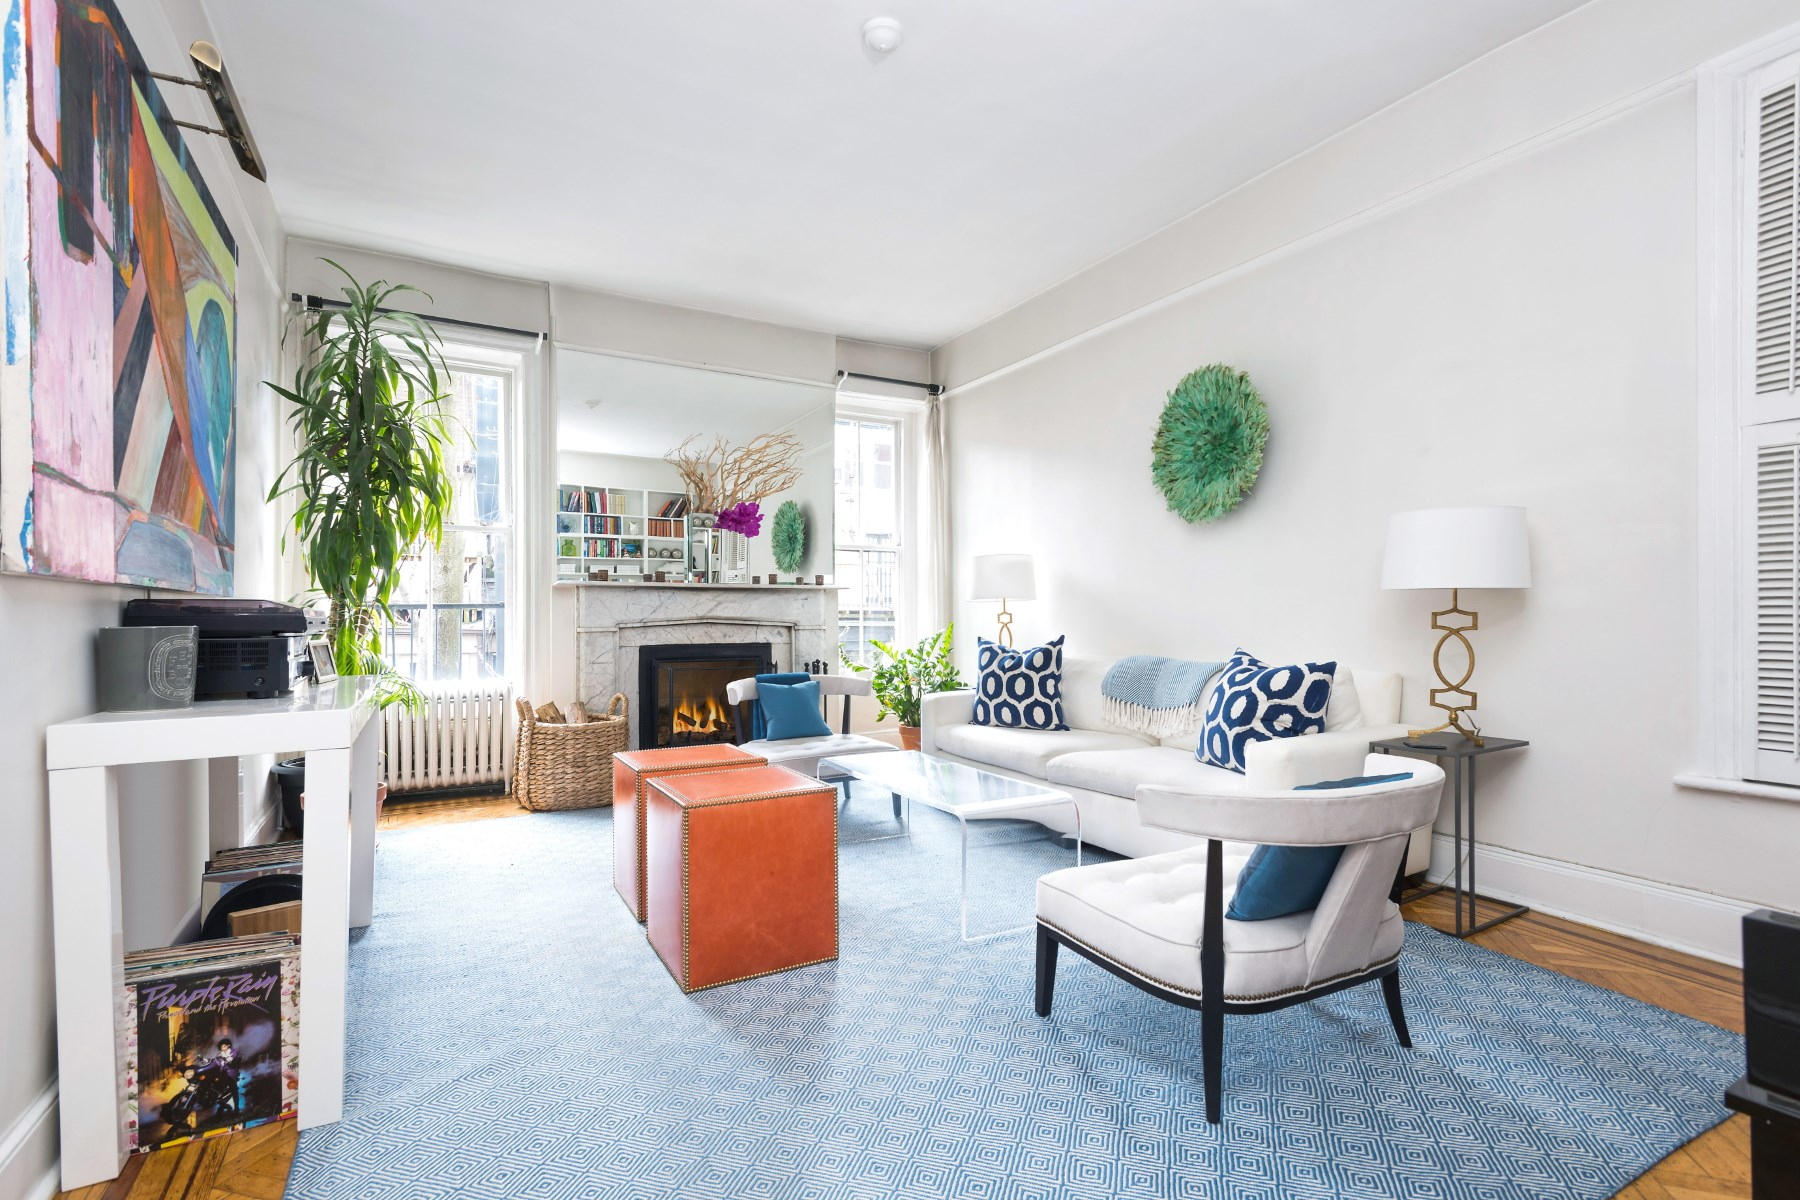 合作公寓 为 销售 在 50 West 9th Street, Apt. 3B 50 West 9th Street Apt 3B Greenwich Village, 纽约, 纽约州, 10011 美国